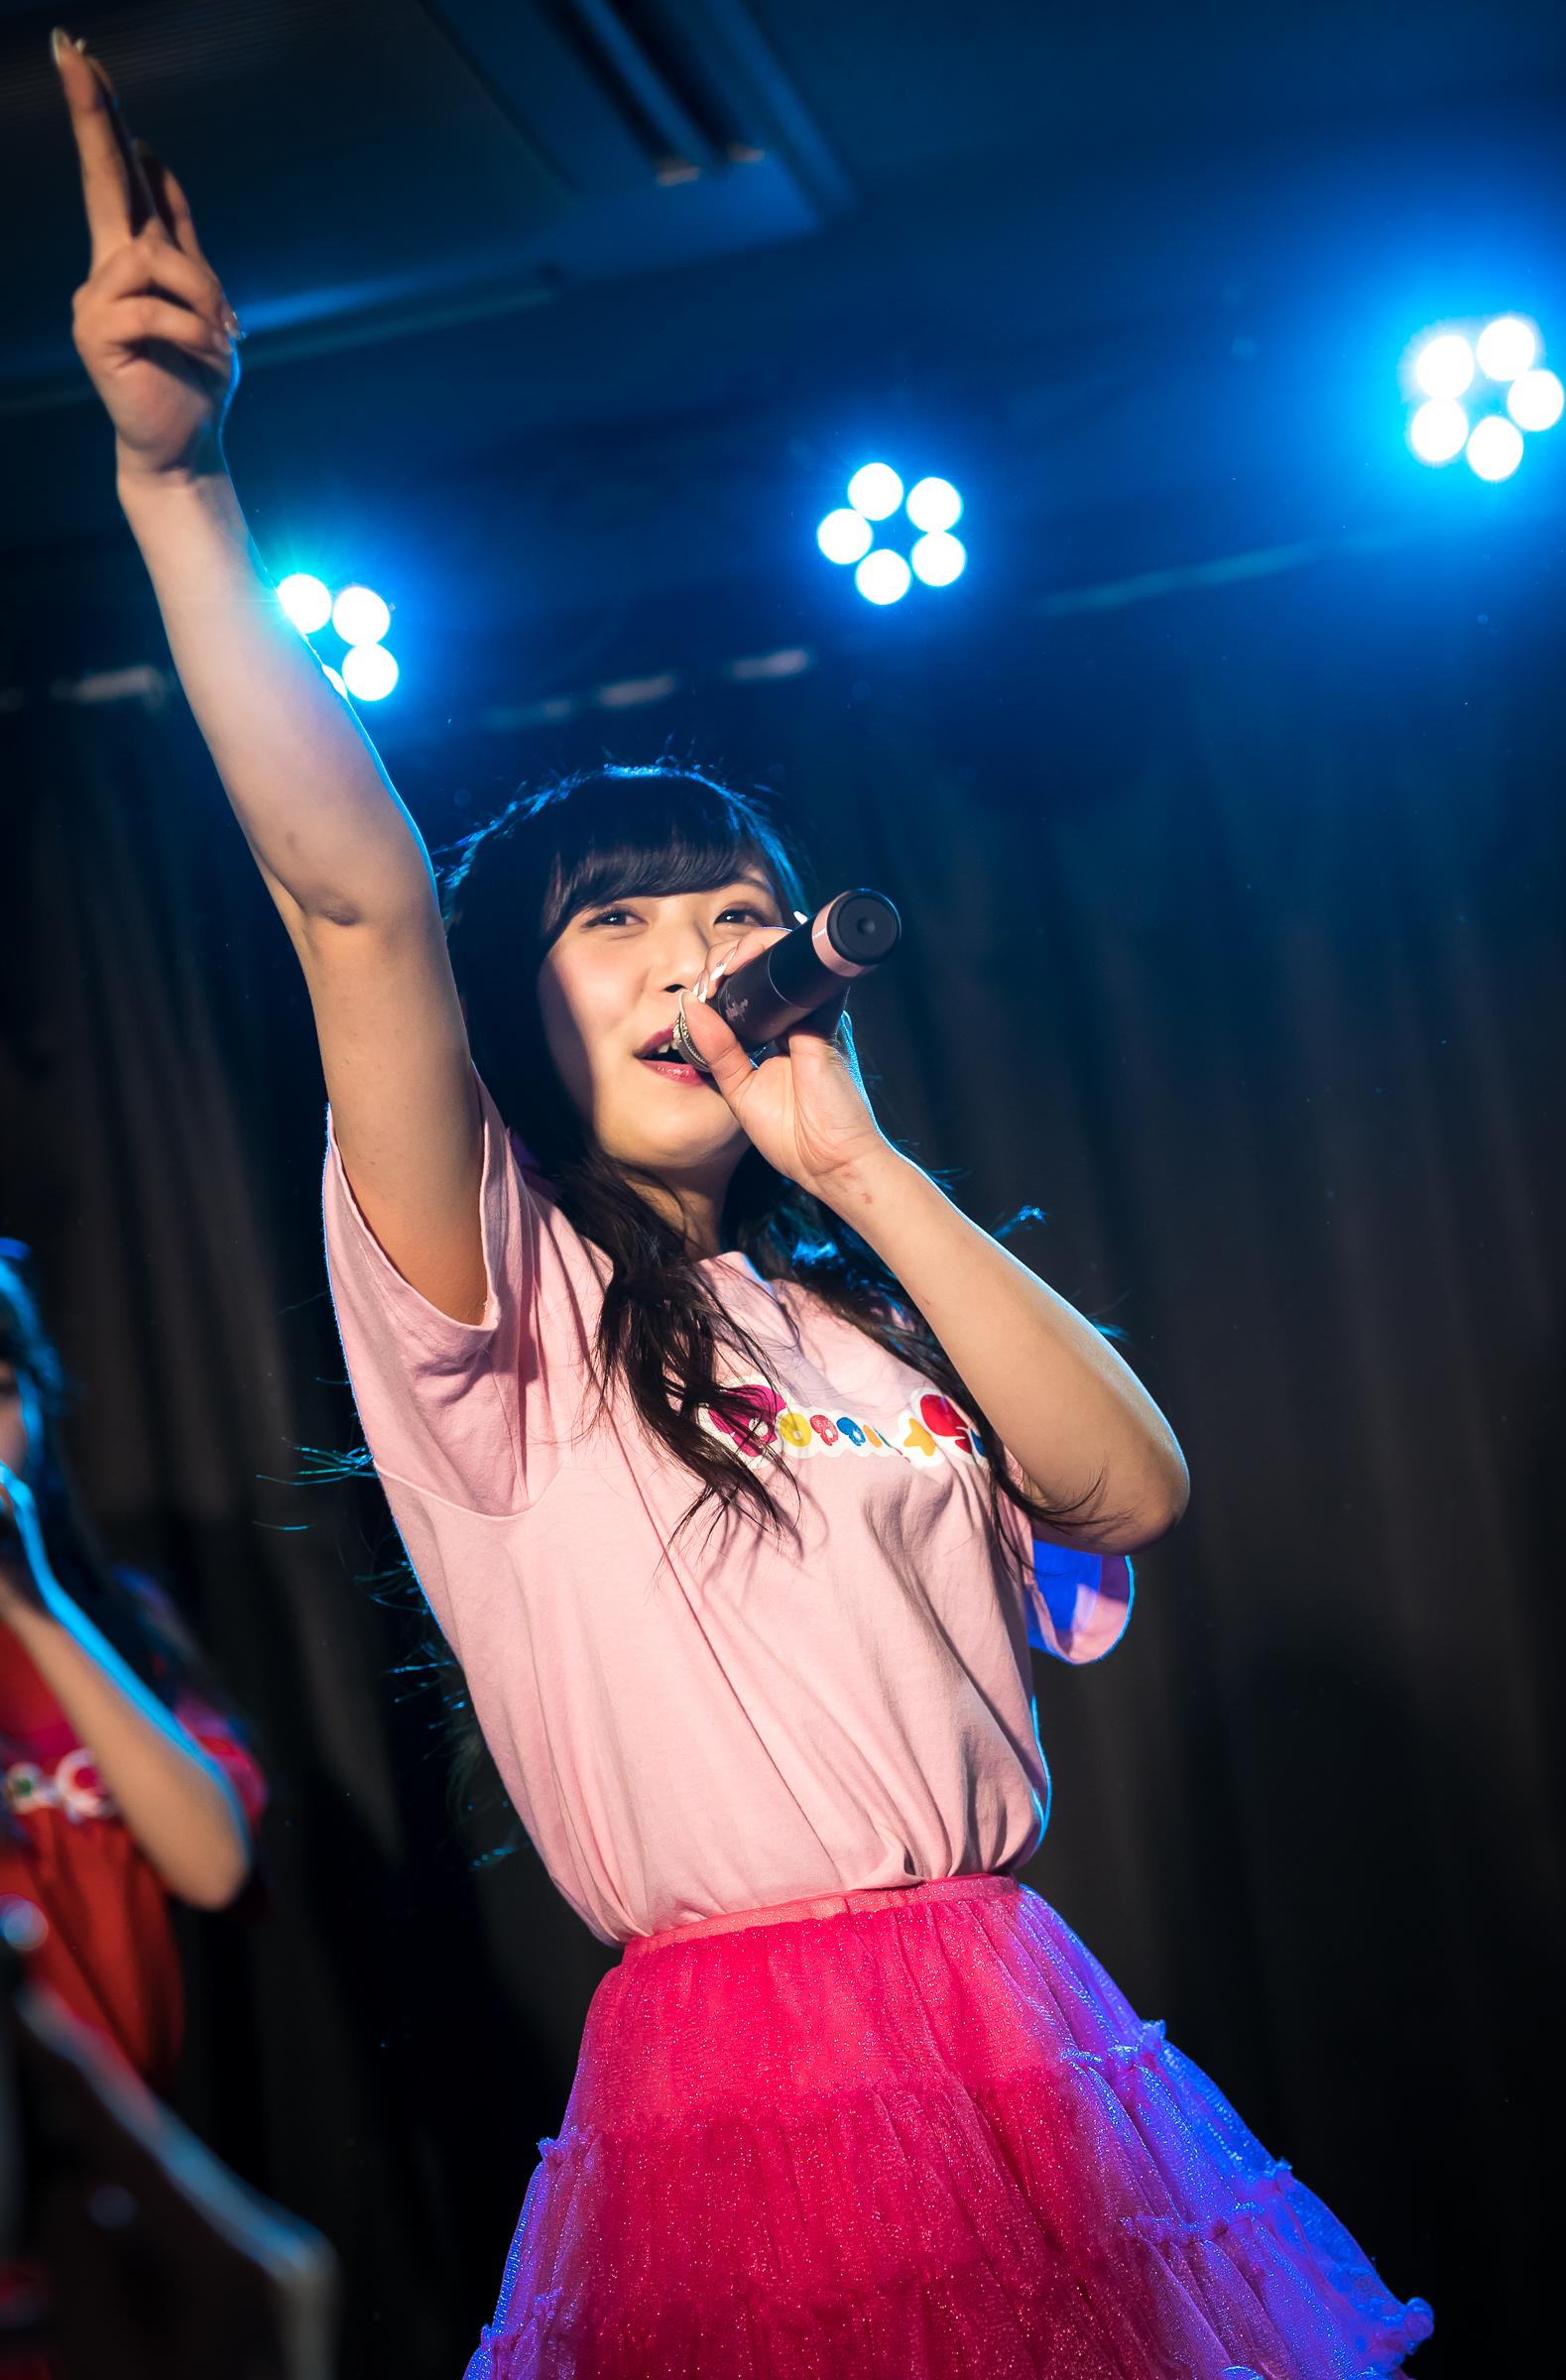 POPPING☆SMILE かな ( 見上佳奈 ) | イベントお疲れ様でした!イベント